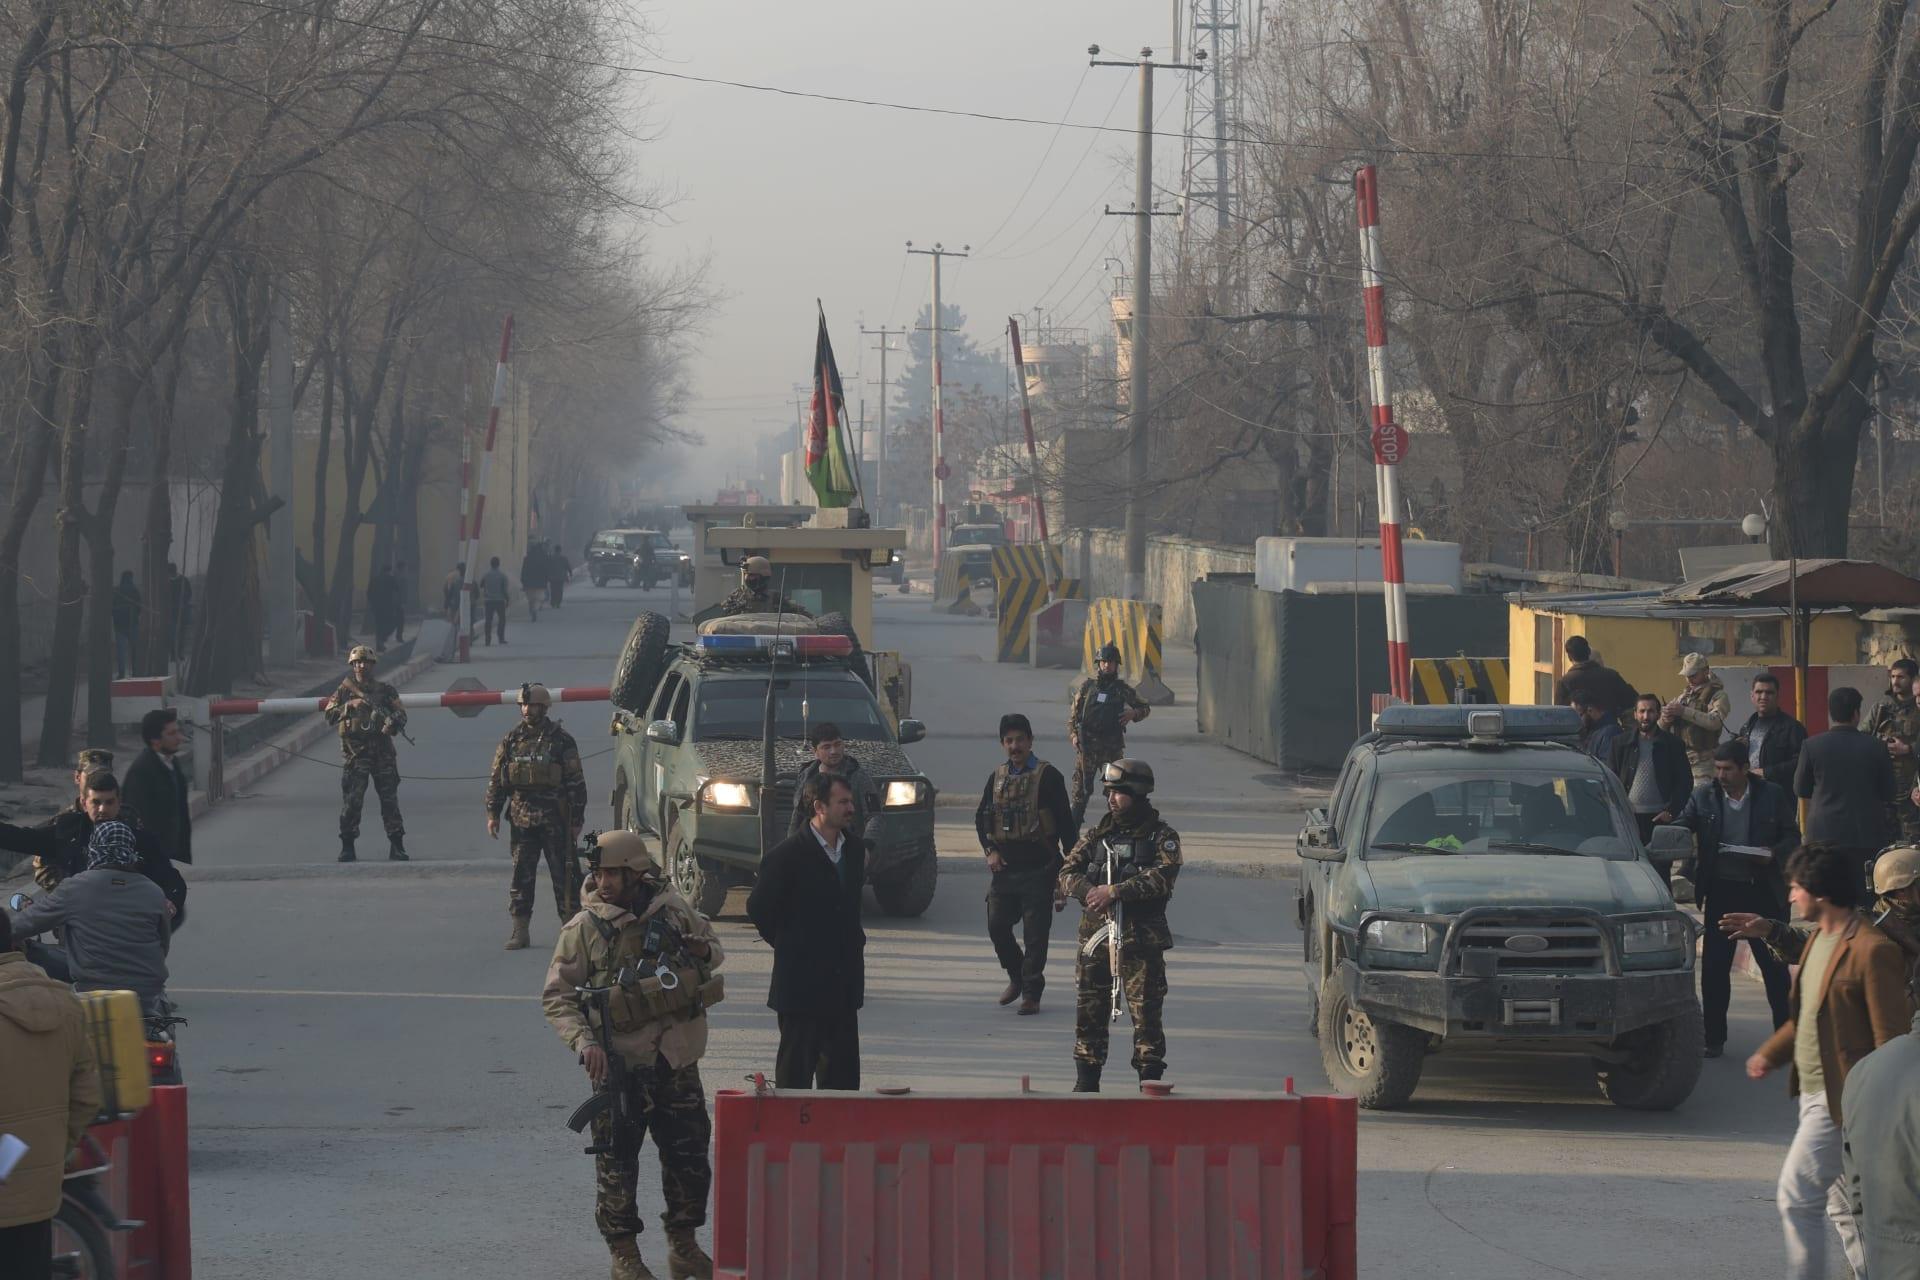 أفغانستان: تفجير انتحاري يودي بحياة ما لا يقل عن 10 أشخاص